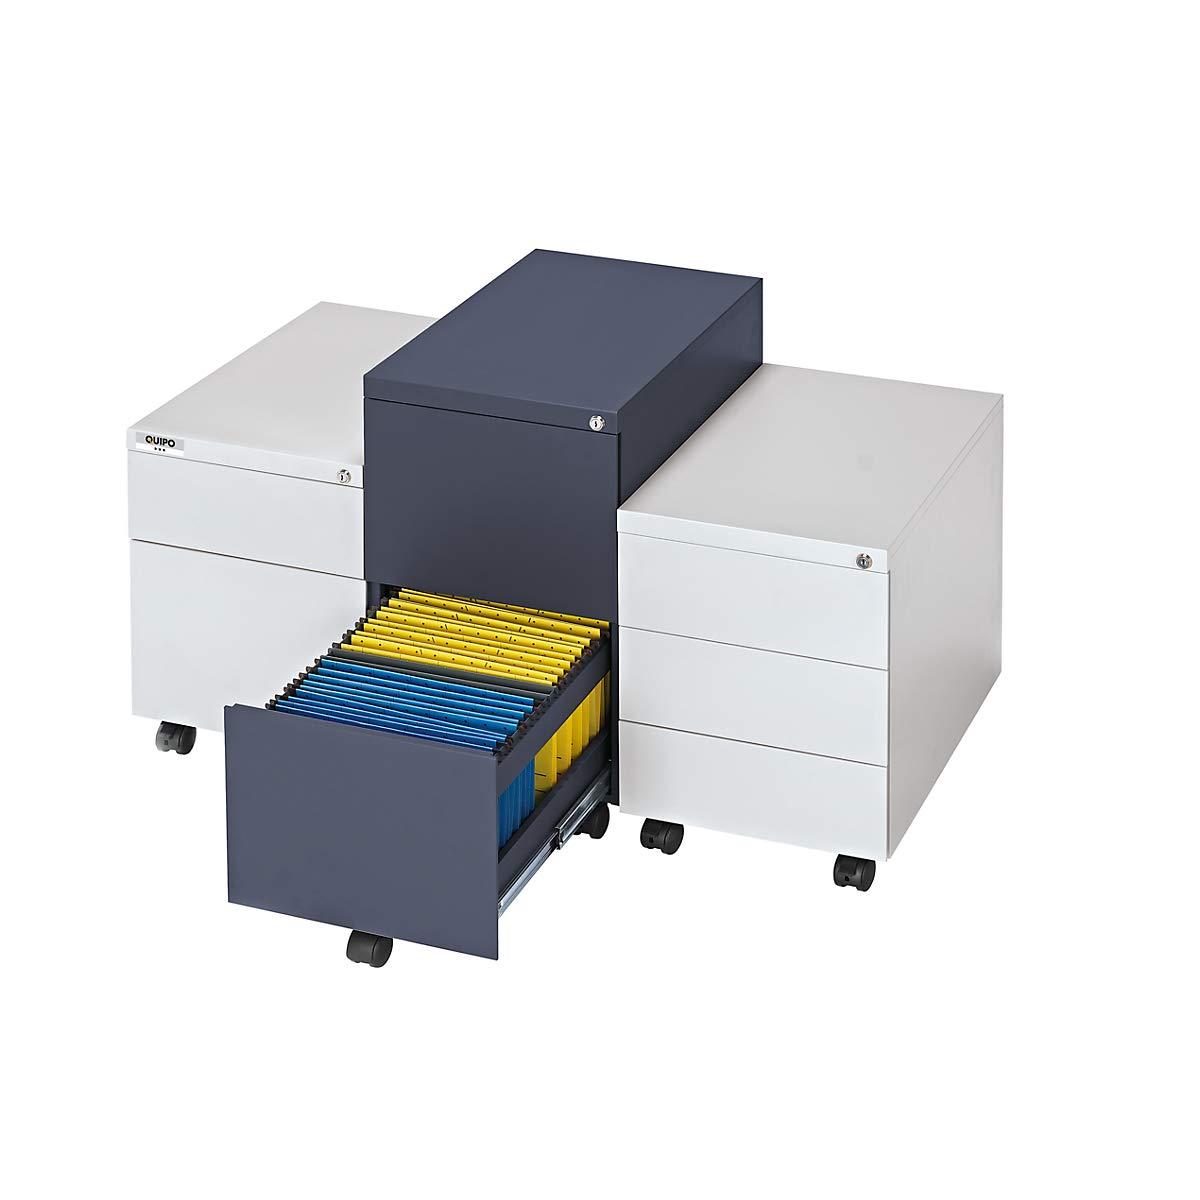 Beistellschrank Rollcontainer f/ür B/üro Stahl QUIPO Rollcontainer lichtgrau 2 H/ängeregistraturen Tiefe 790 mm